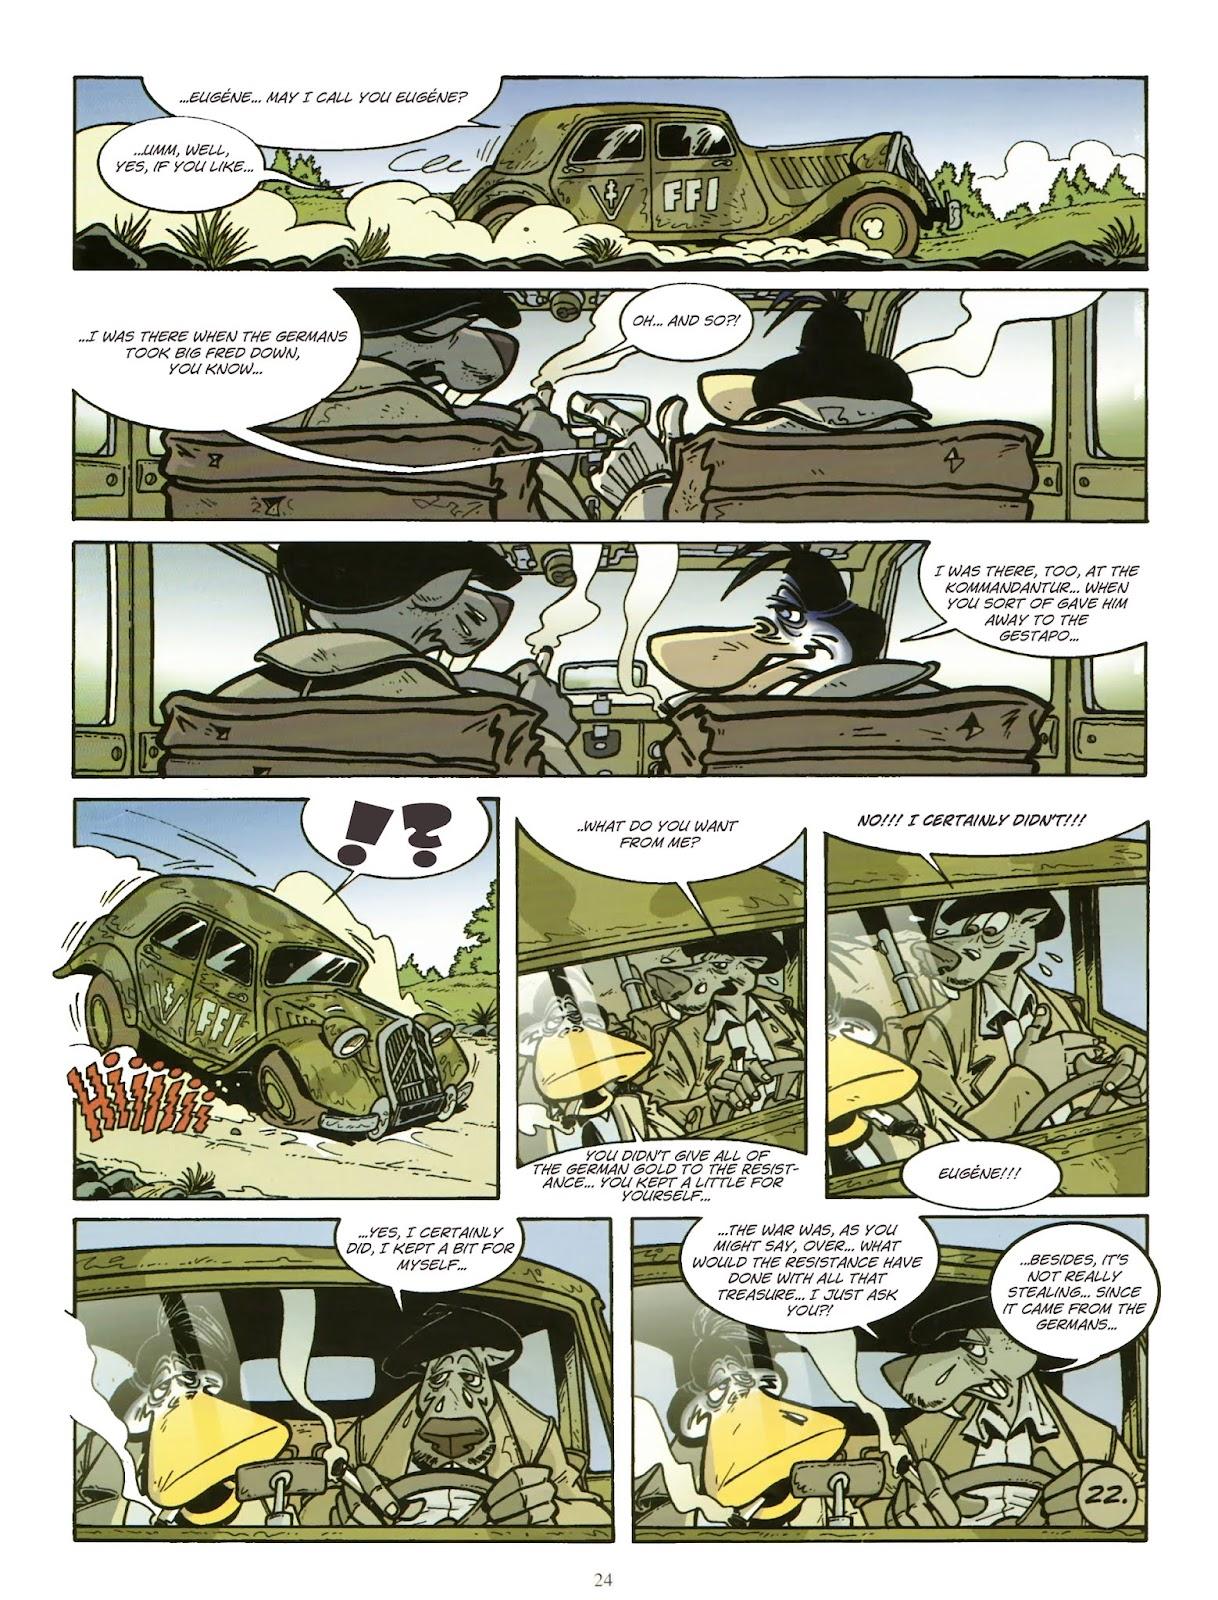 Une enquête de l'inspecteur Canardo issue 11 - Page 25